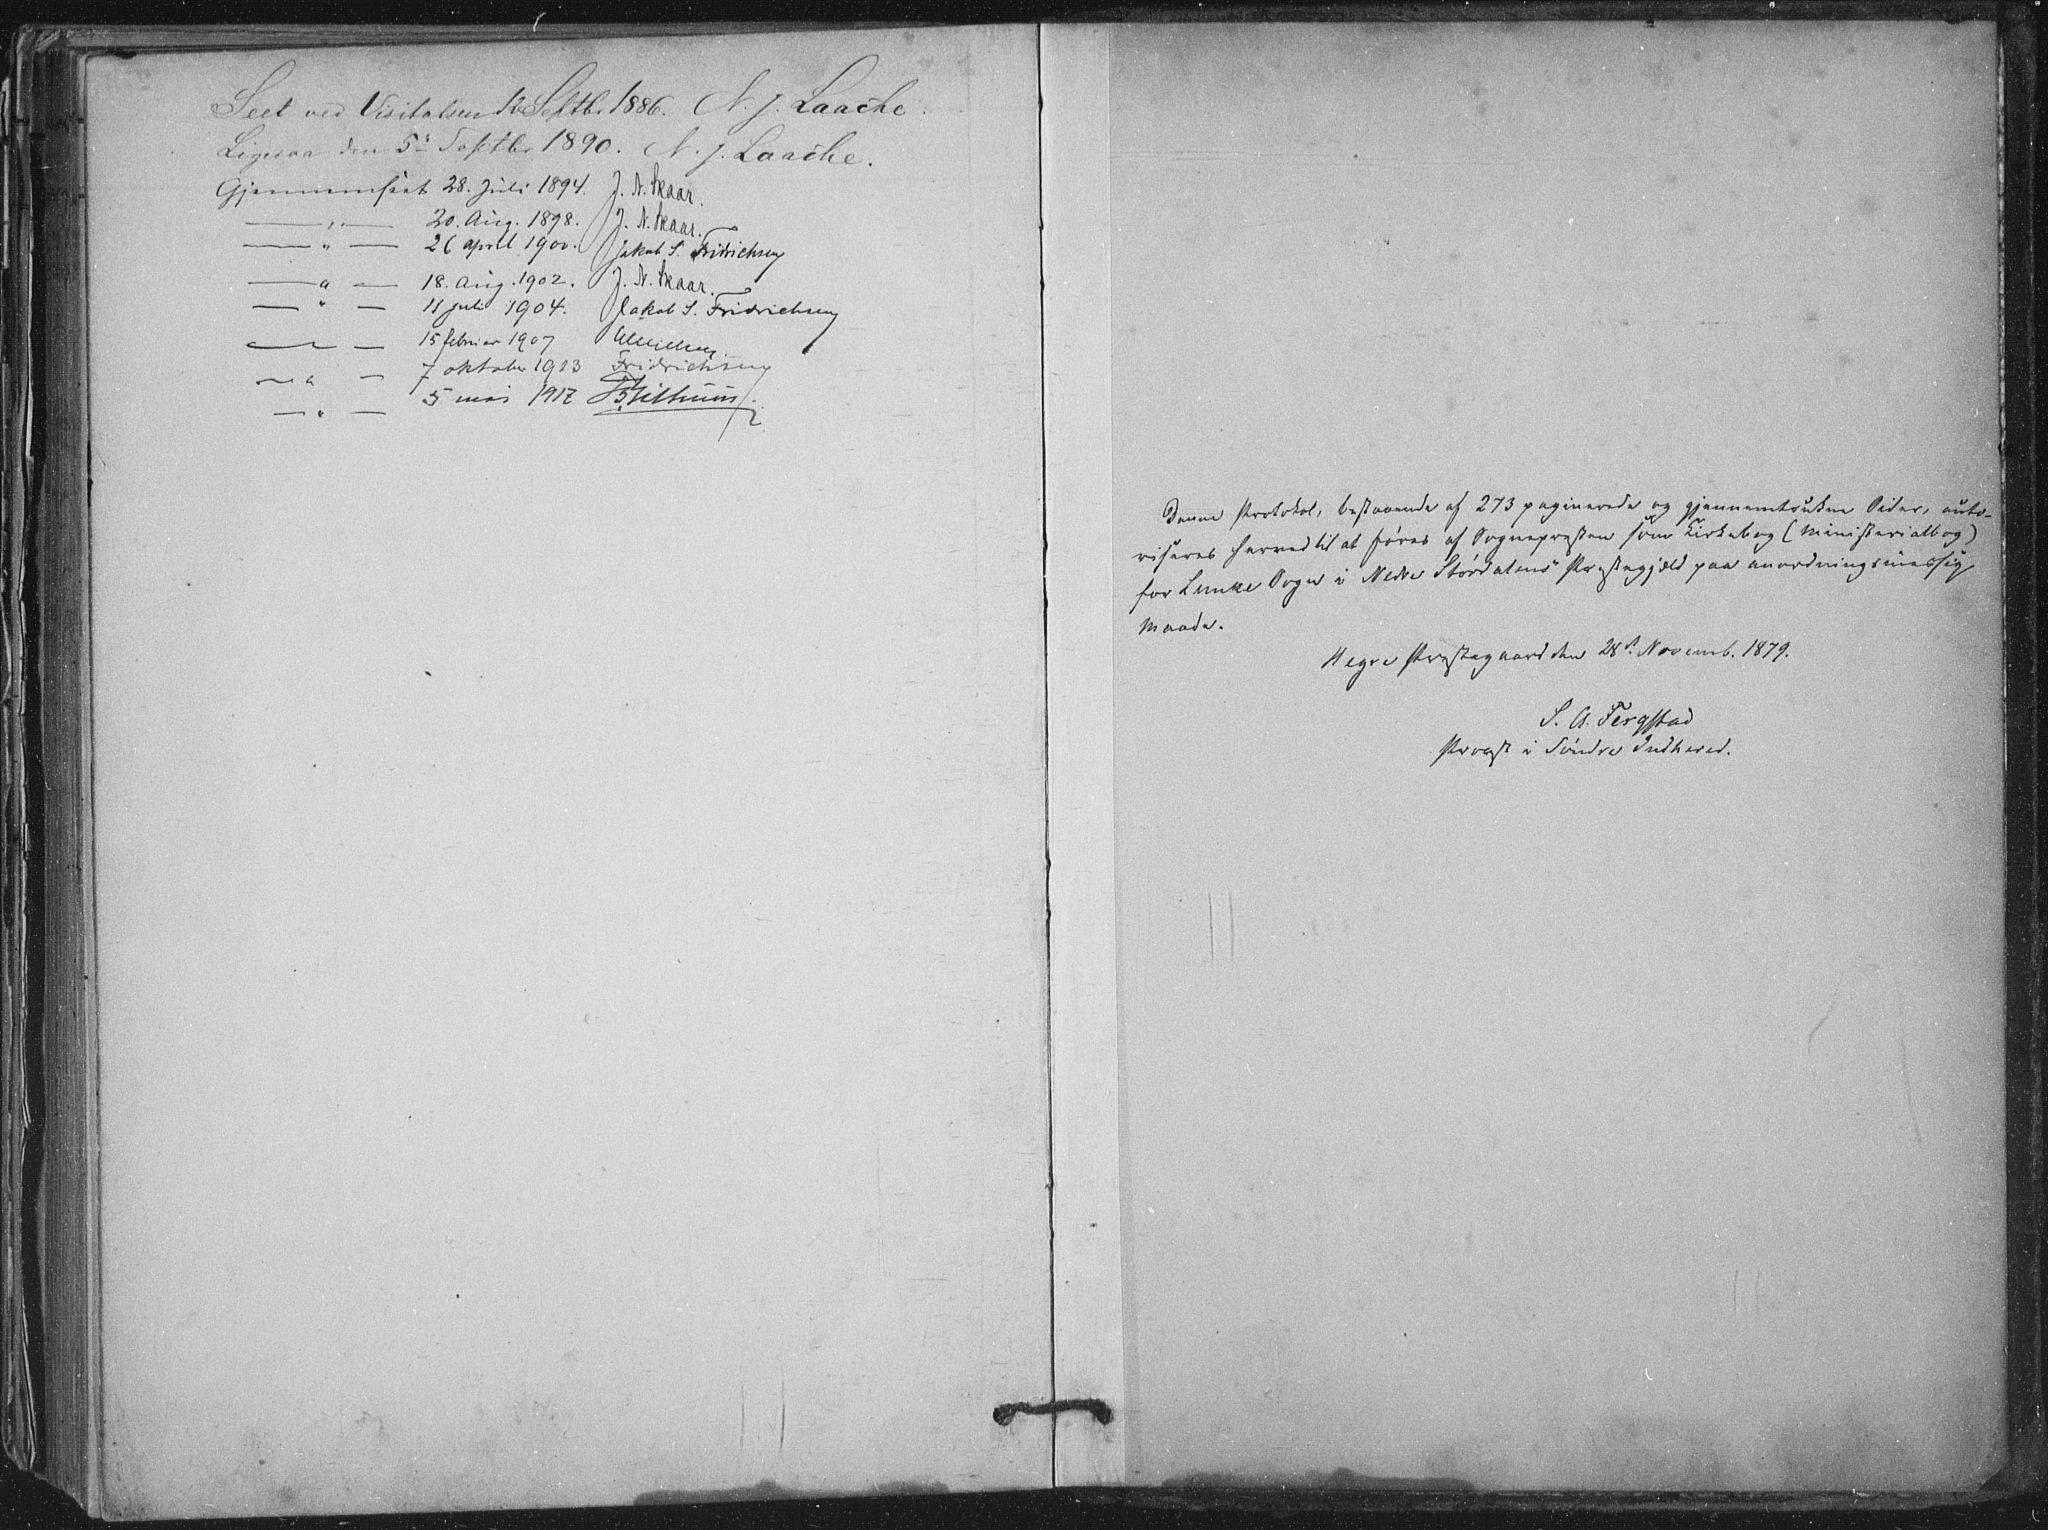 SAT, Ministerialprotokoller, klokkerbøker og fødselsregistre - Nord-Trøndelag, 710/L0095: Ministerialbok nr. 710A01, 1880-1914